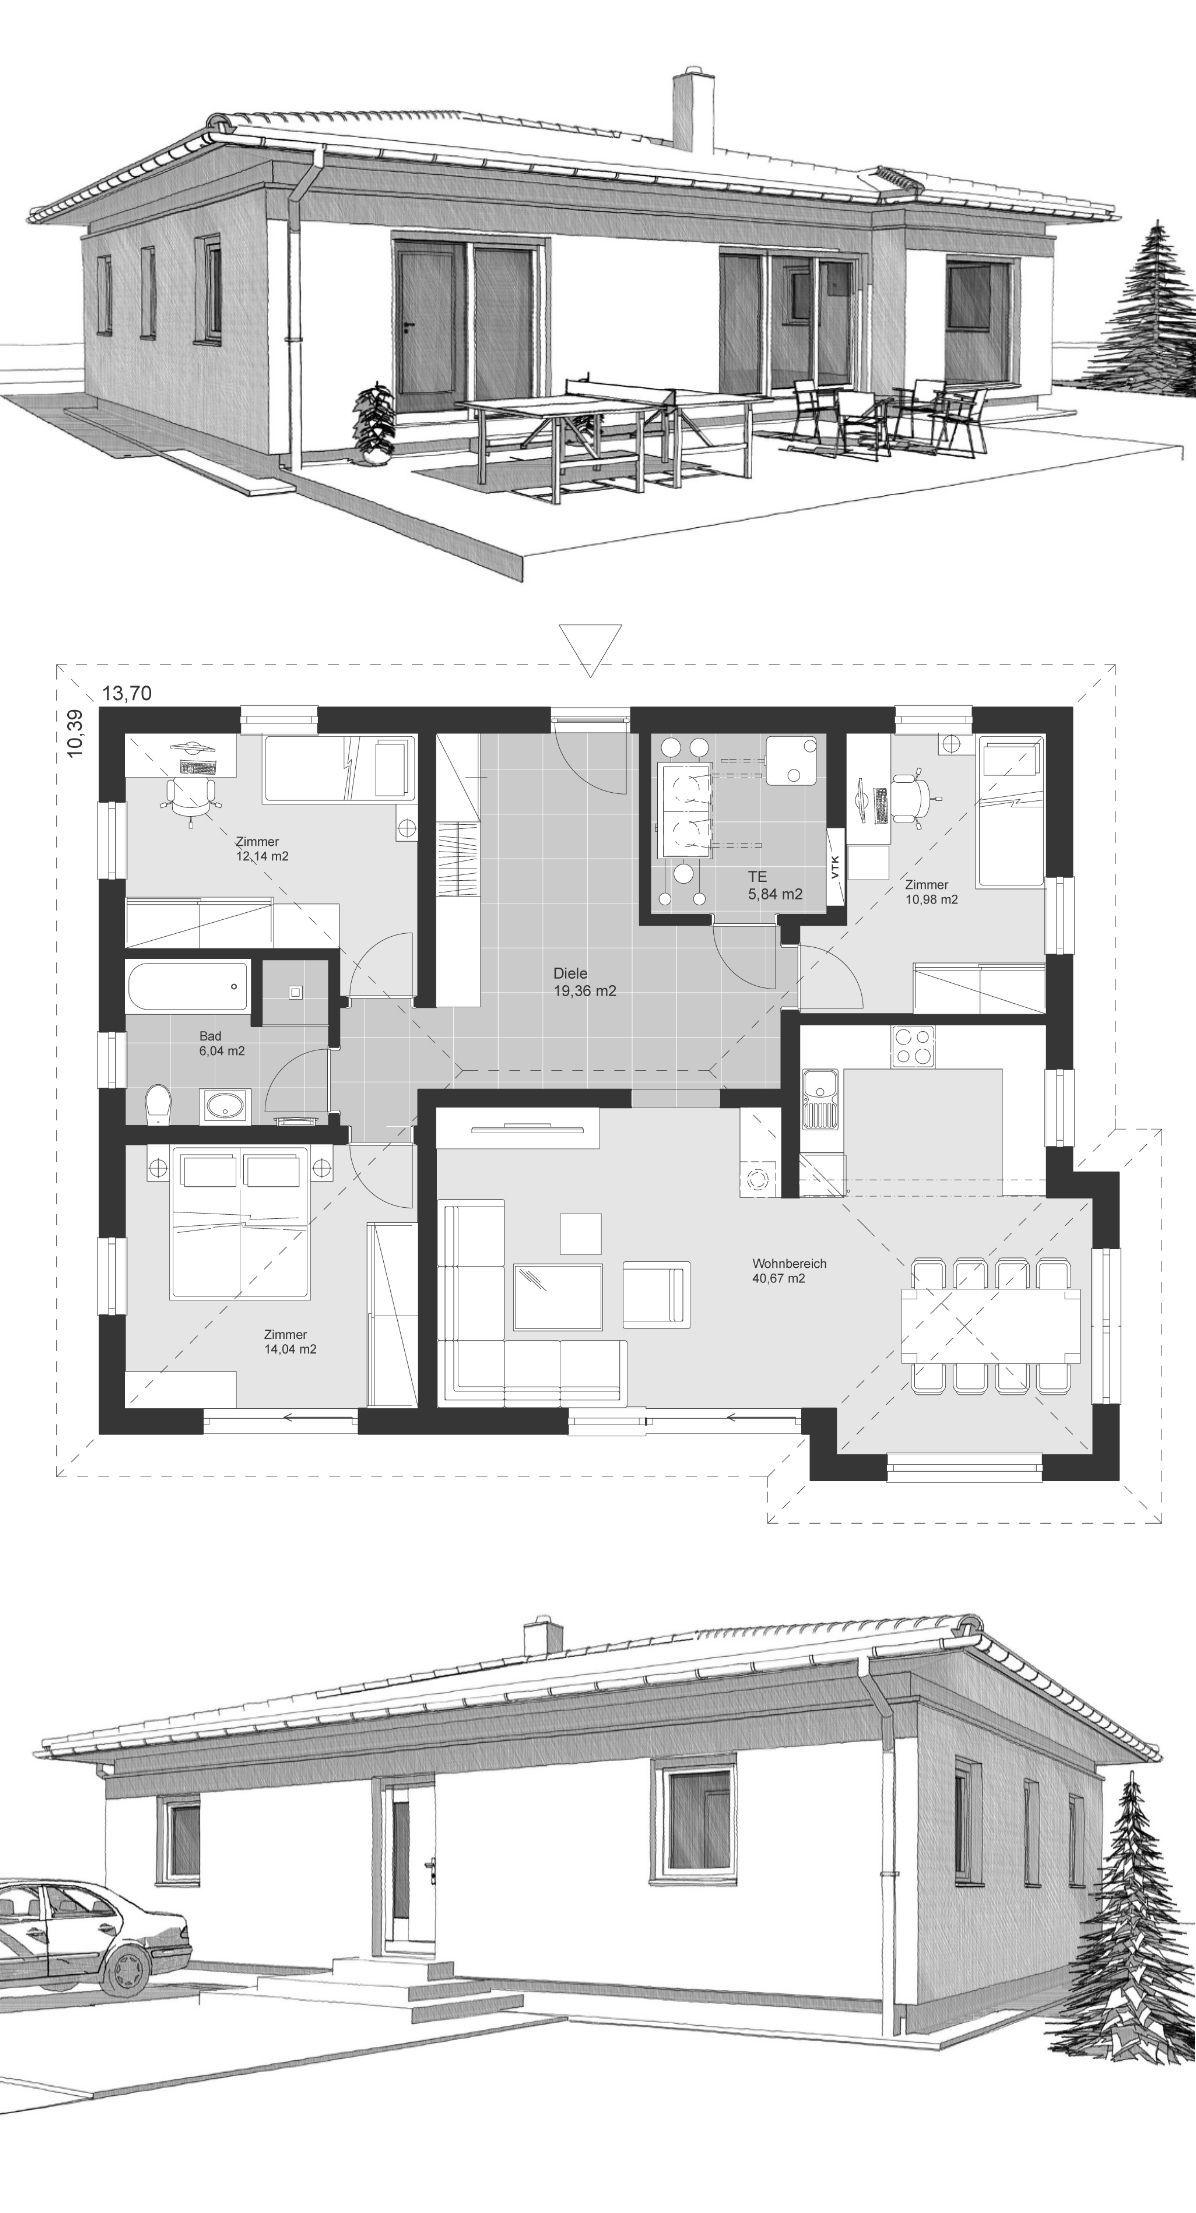 Bungalow neubau klassisch mit walmdach architektur 4 for Architektur klassisch